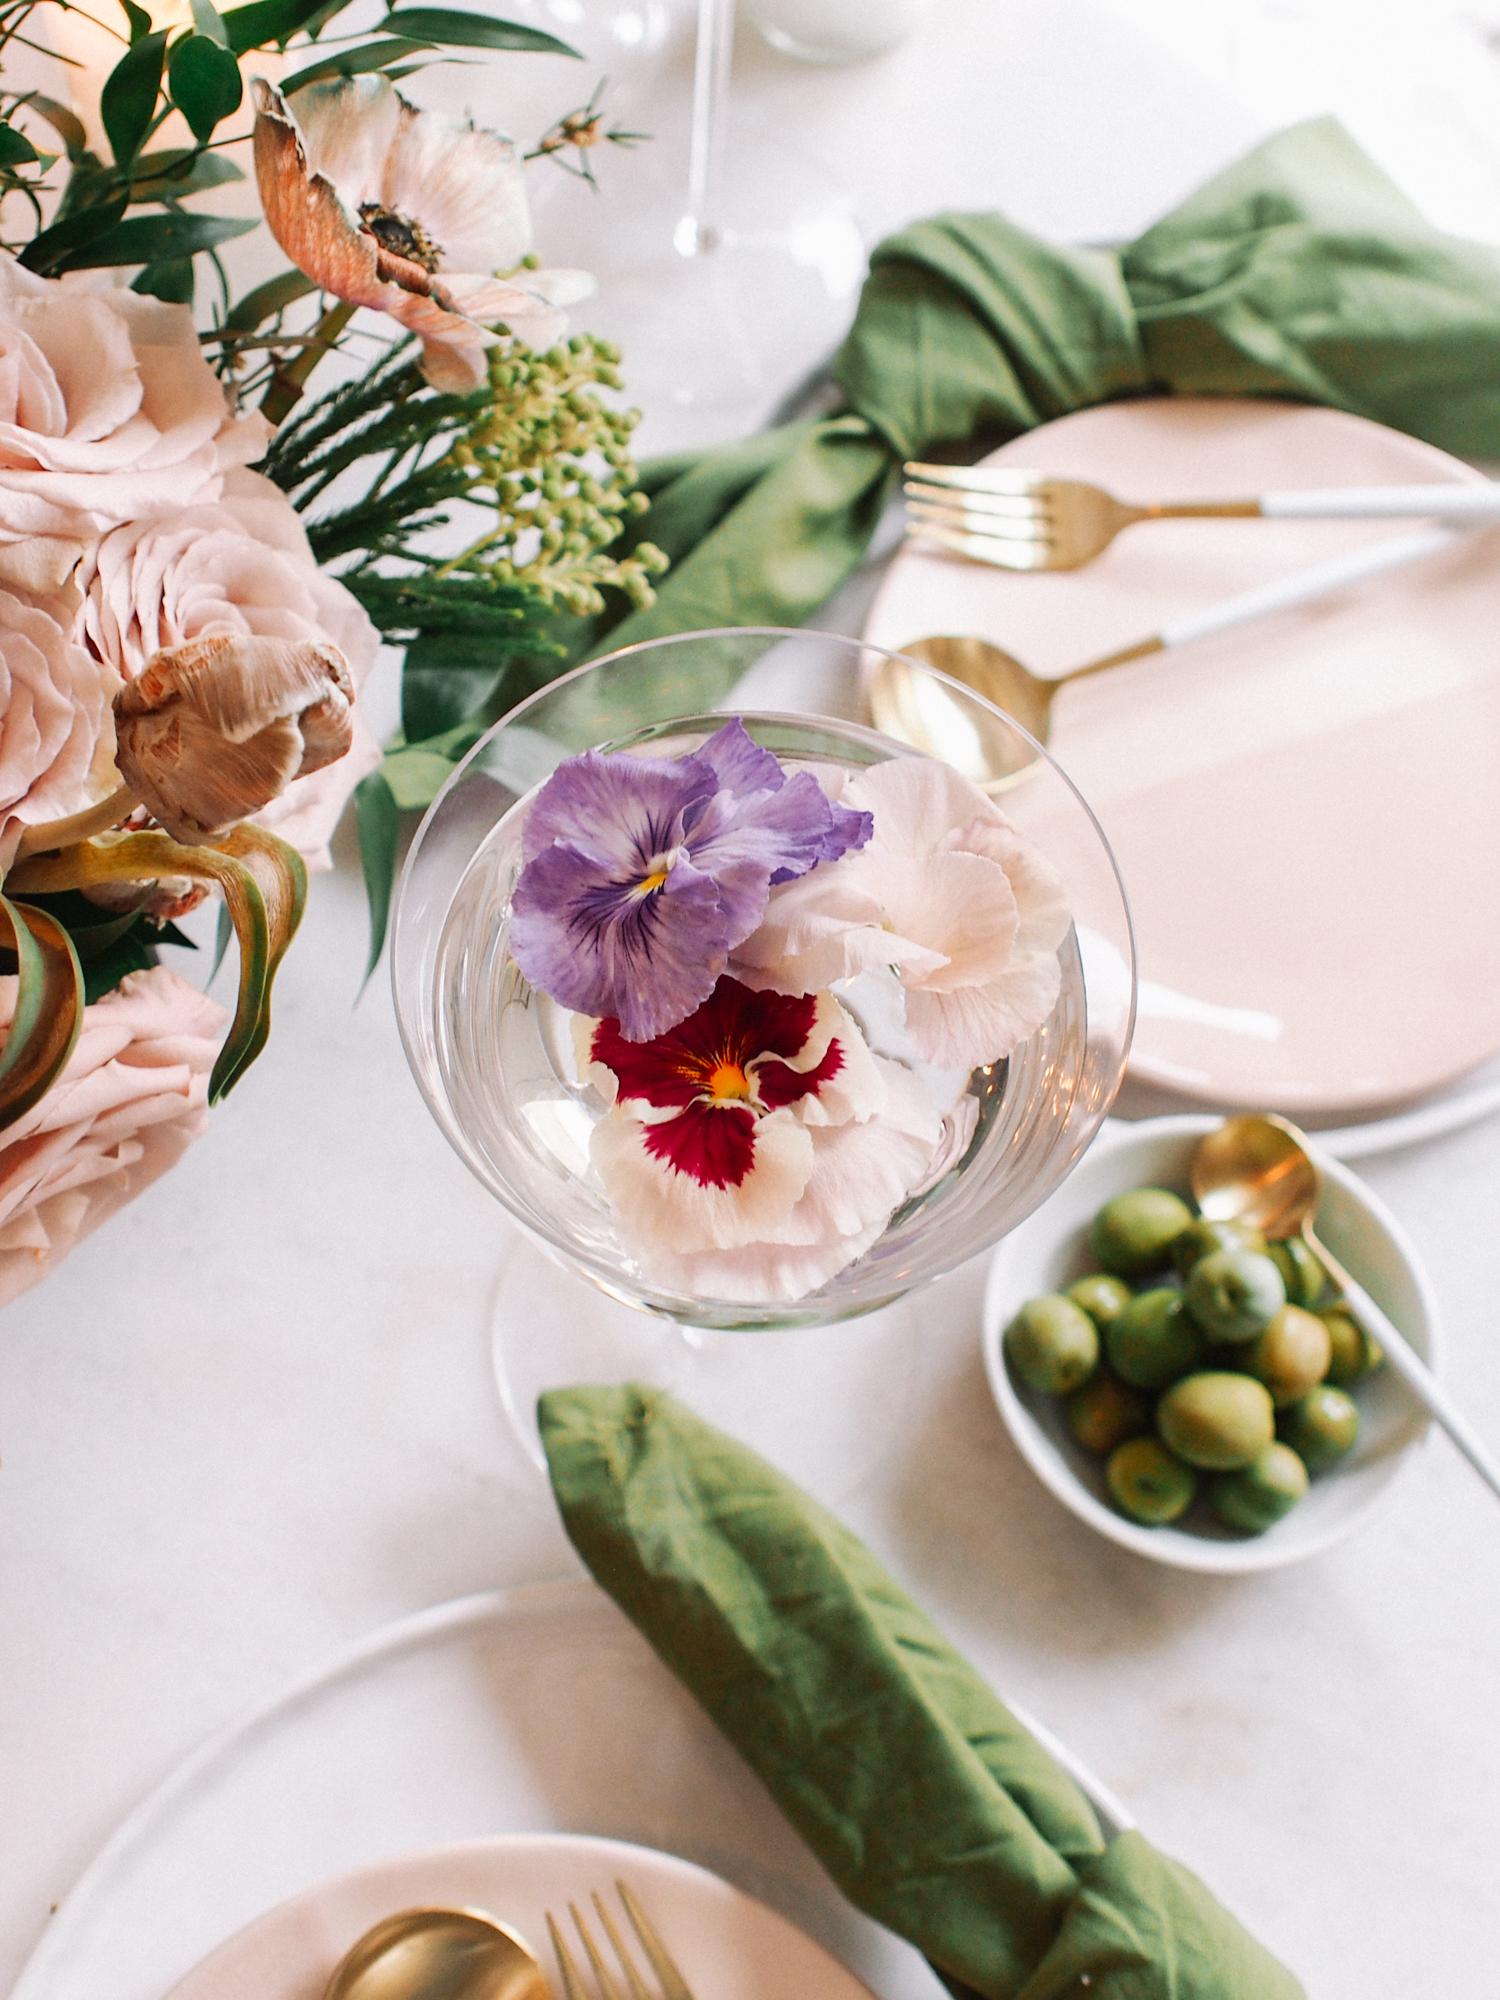 Spring Tablescape | A Fabulous Fete